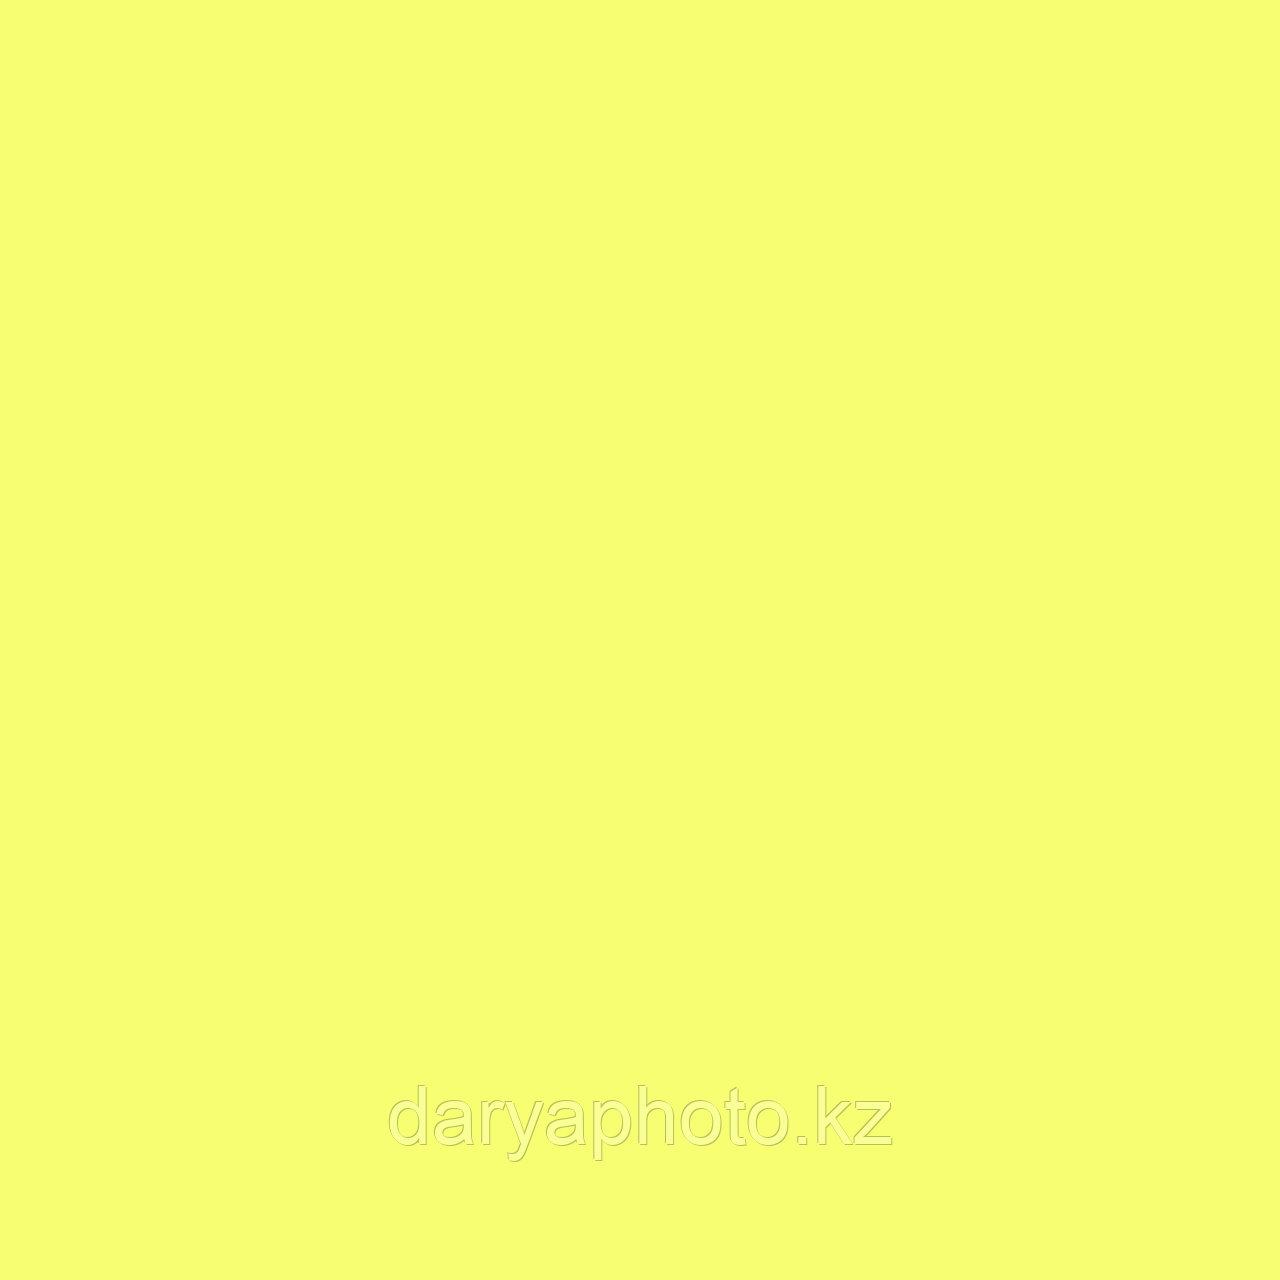 Желтый Фон бумажный. Фотофон. Фон для фотостудии